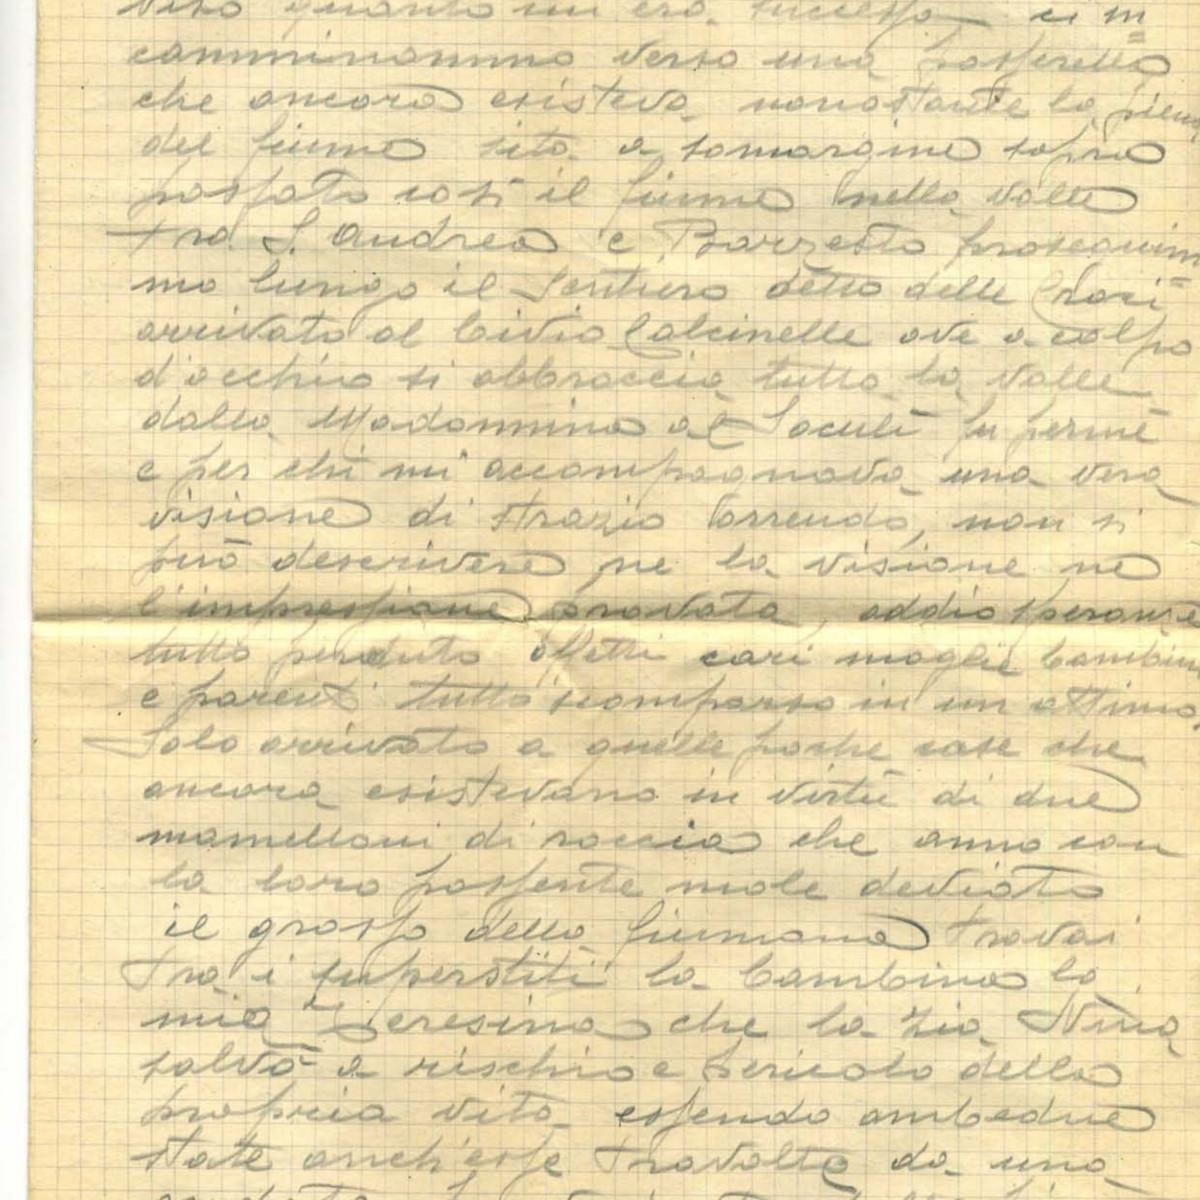 Lettera di Baldoni Angelo_07